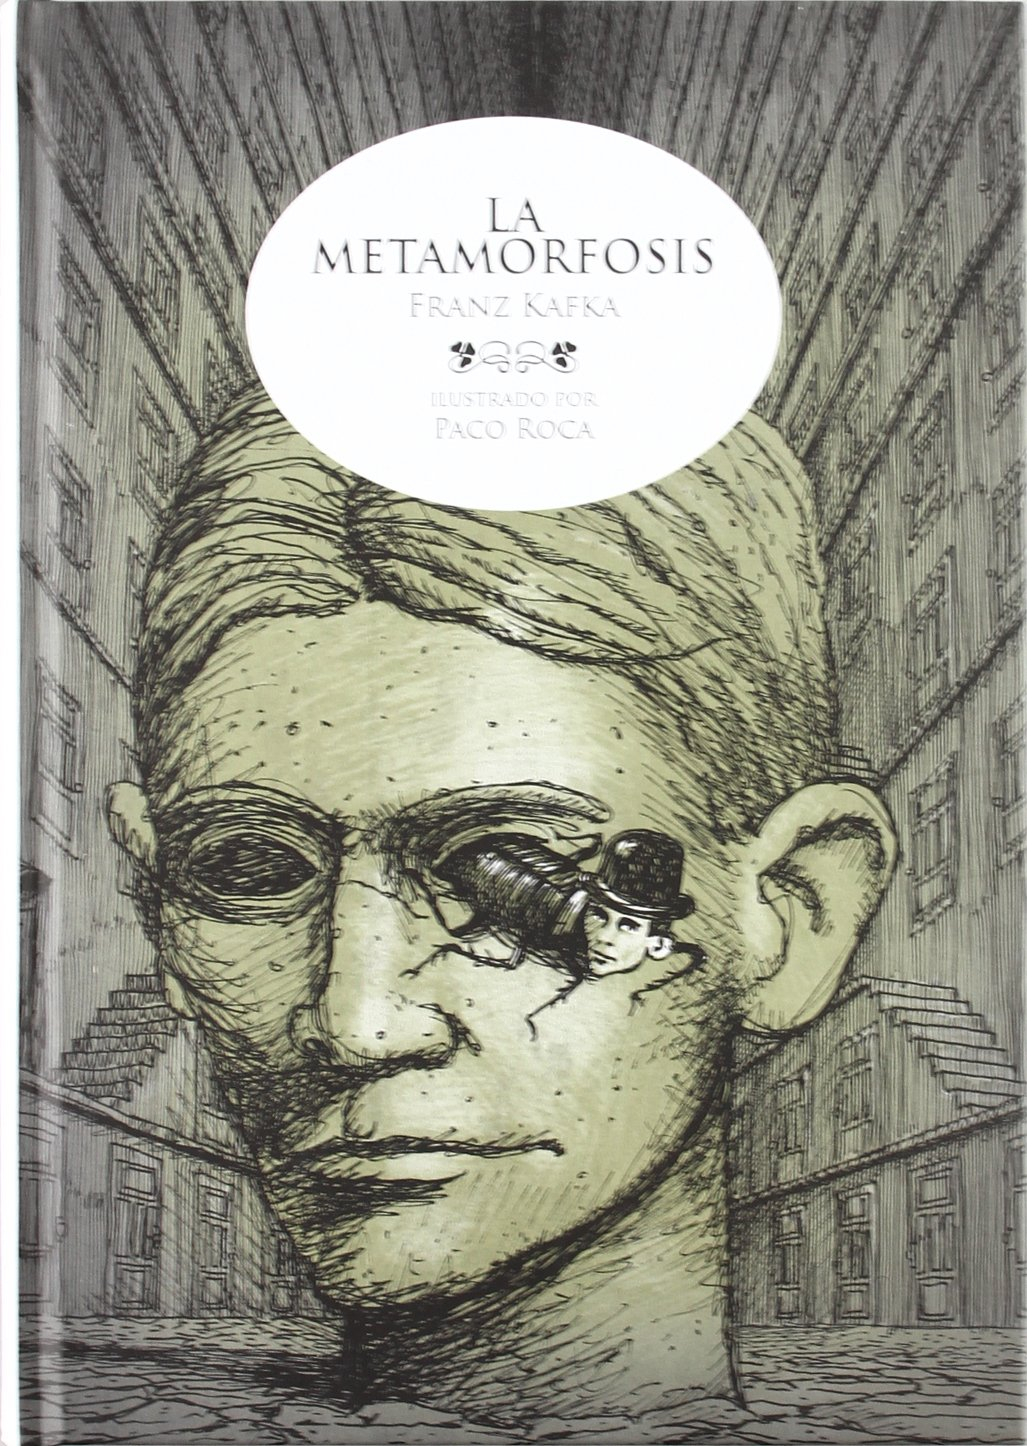 LA METAMORFOSIS (CLÁSICOS ILUSTRADOS): Amazon.es: PACO ROCA, FRANZ KAFKA:  Libros